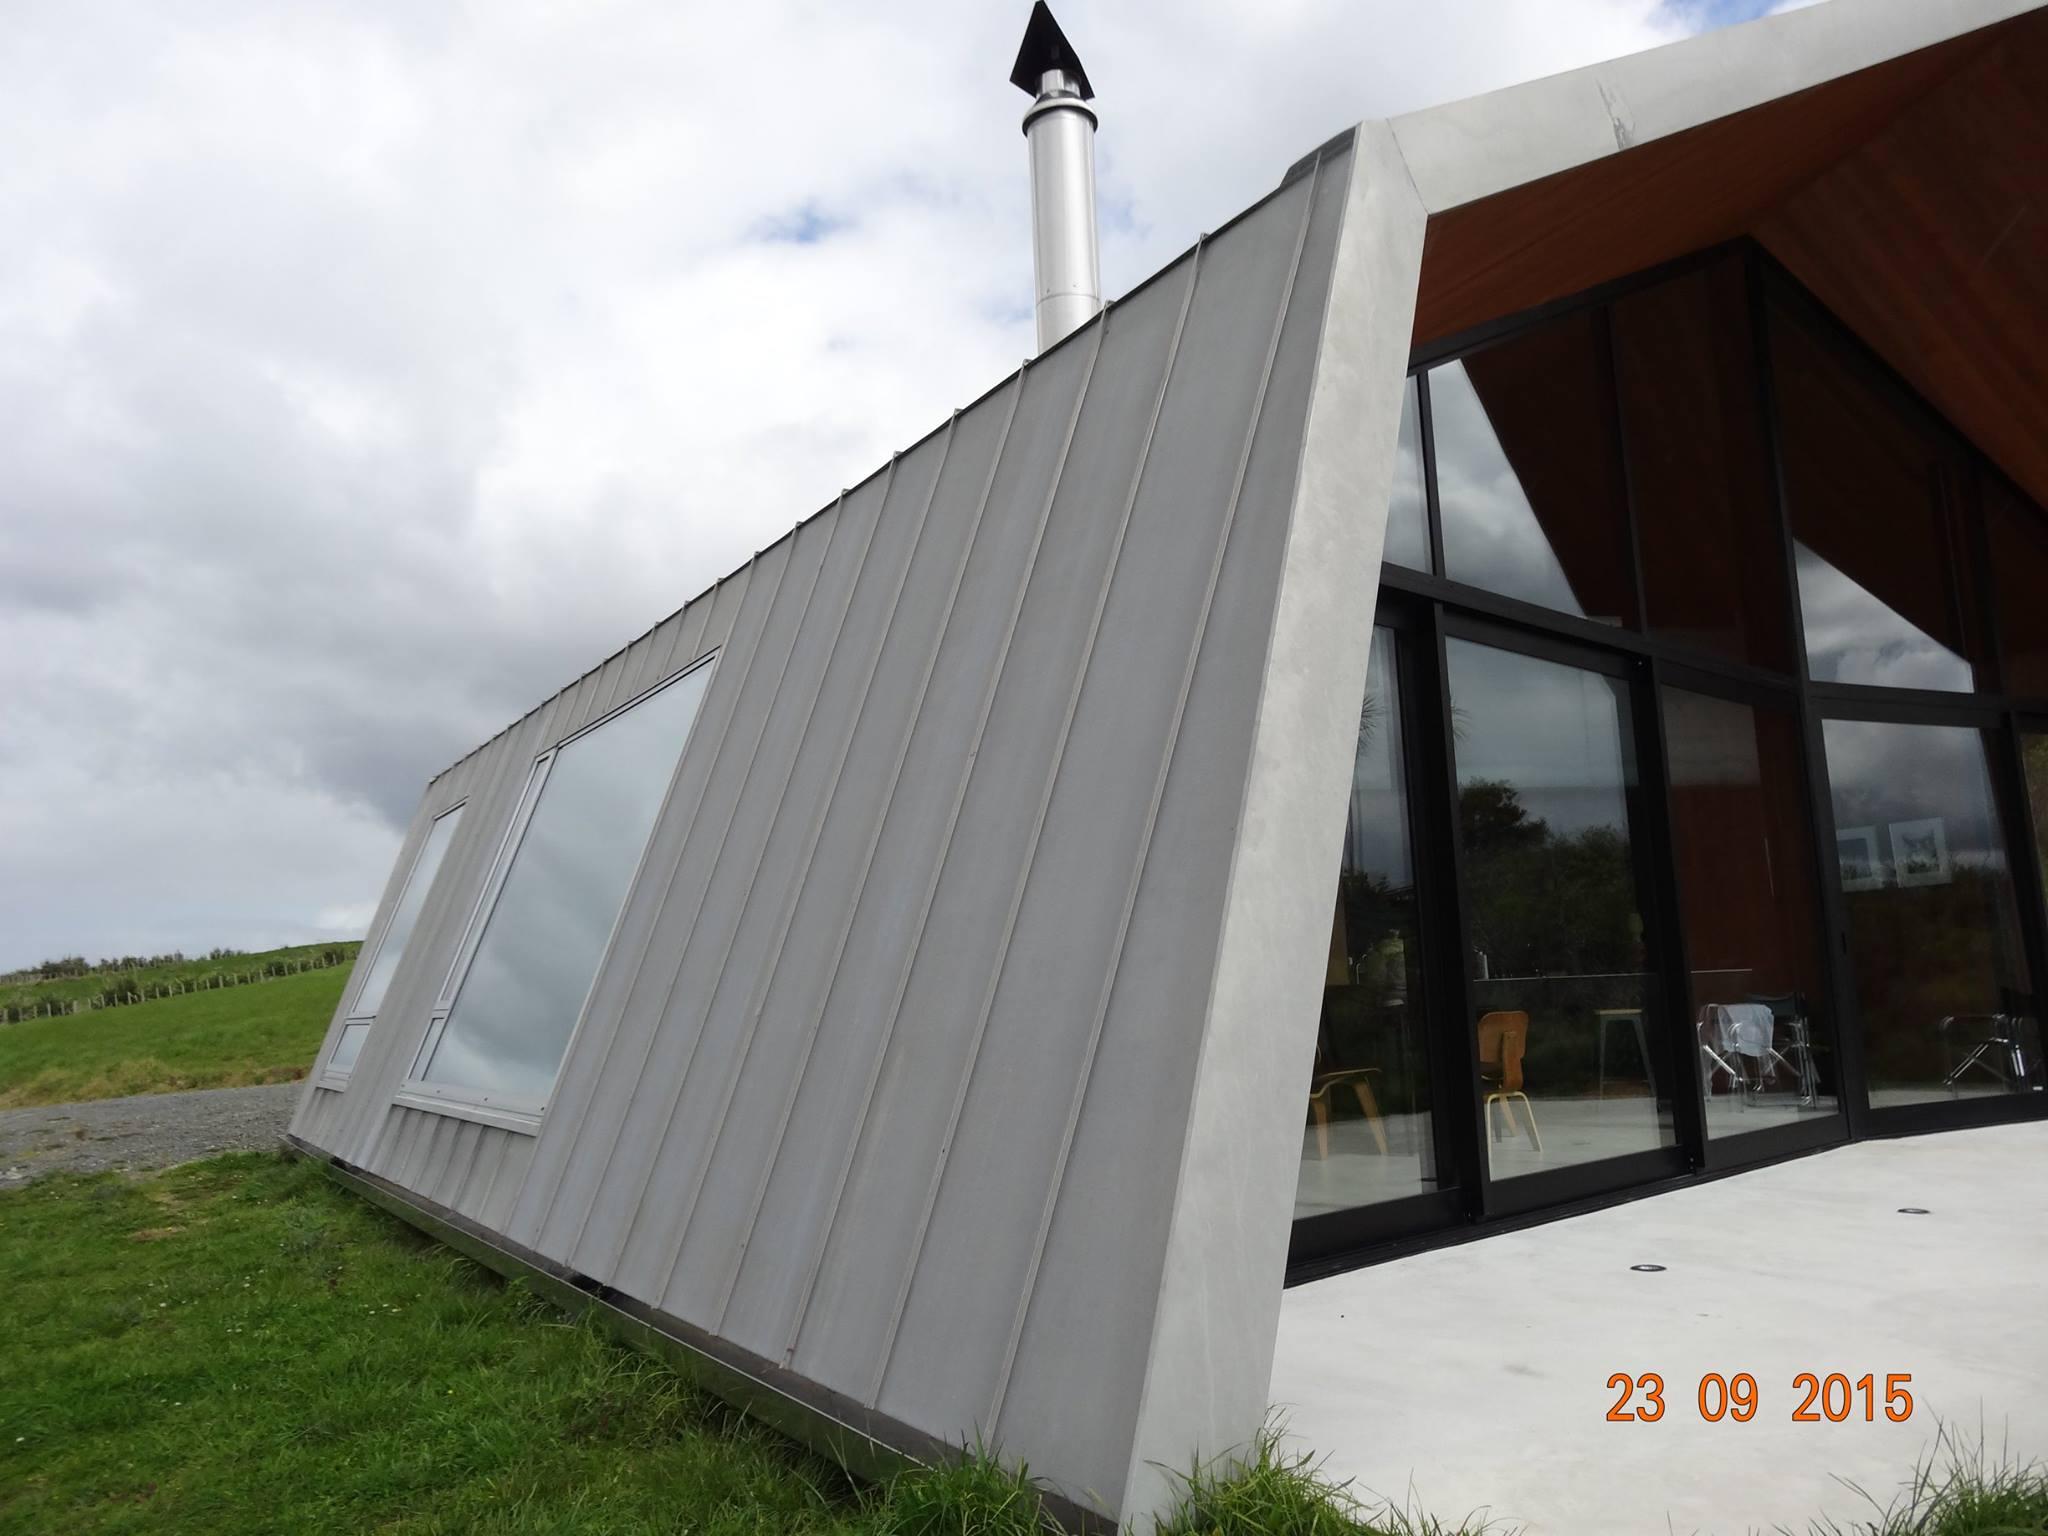 The-Roofing-Store-Steel-Metal-Standing-Seam-Terne-Coated-SS-4.jpg.jpg